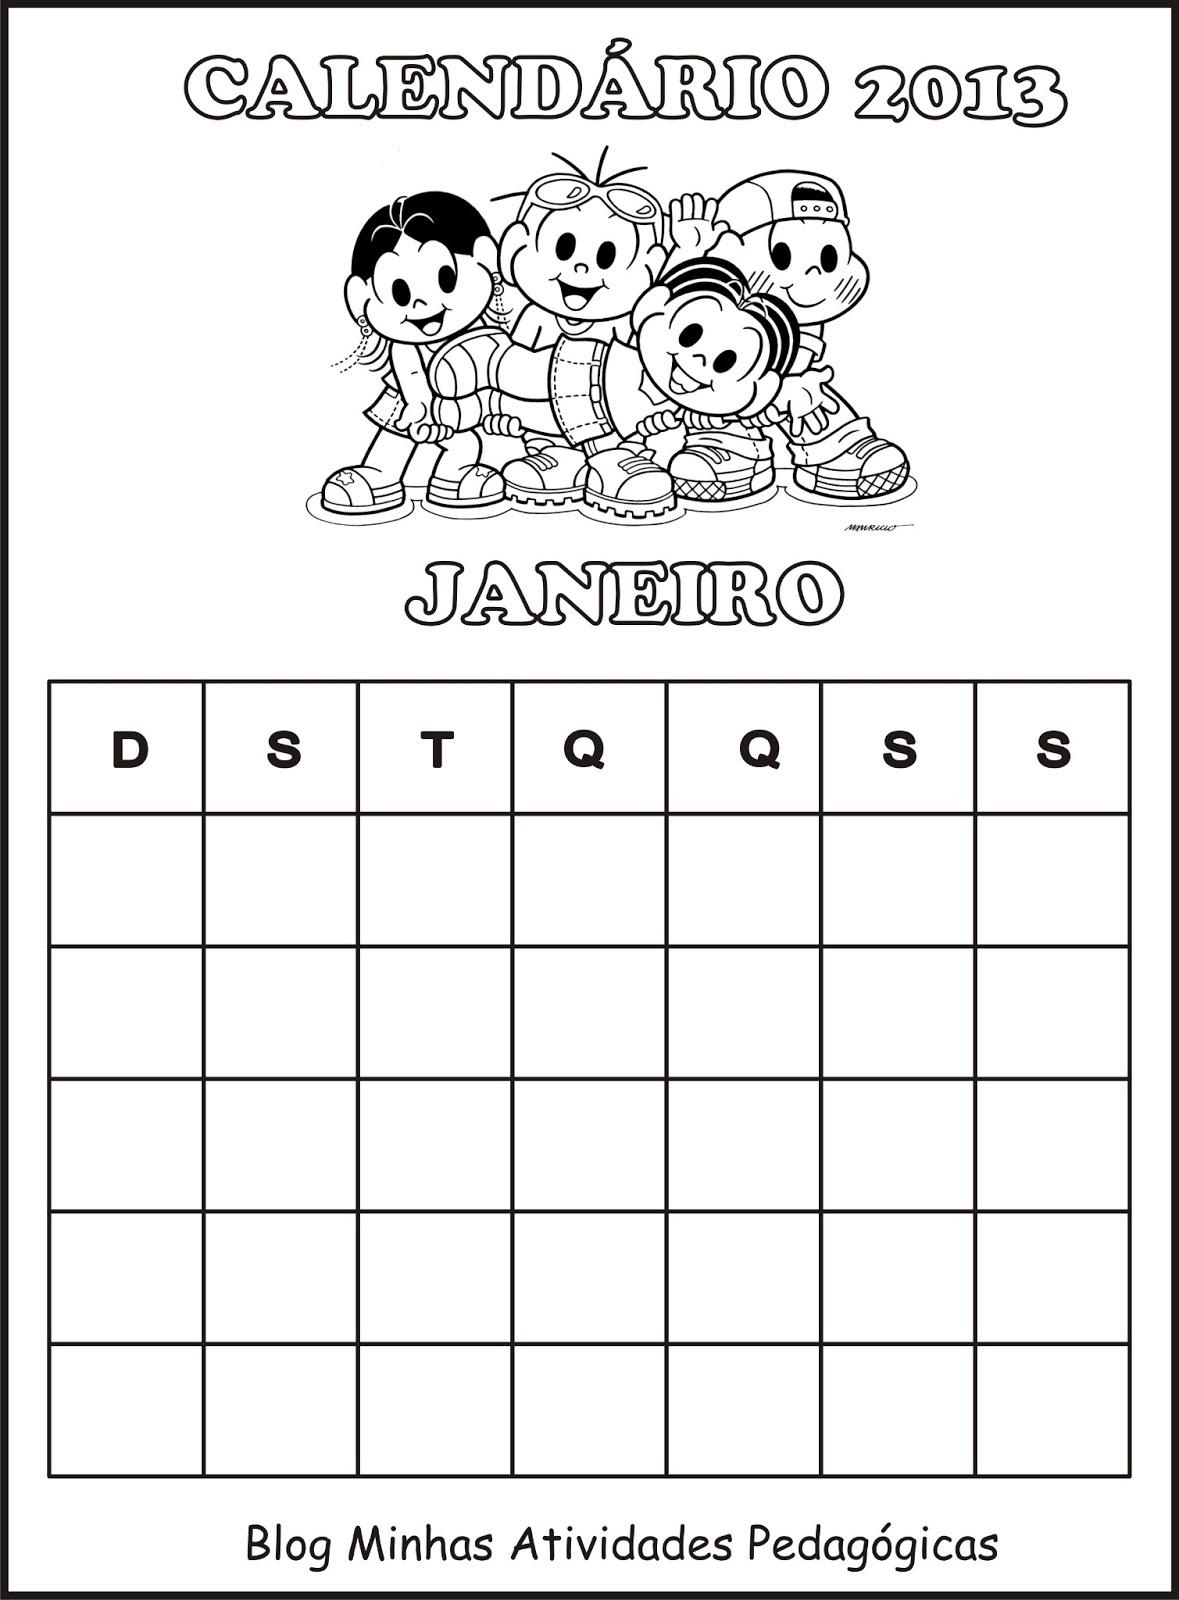 Atividade Pedagógica com Calendário 2013 - Turma da Mônica